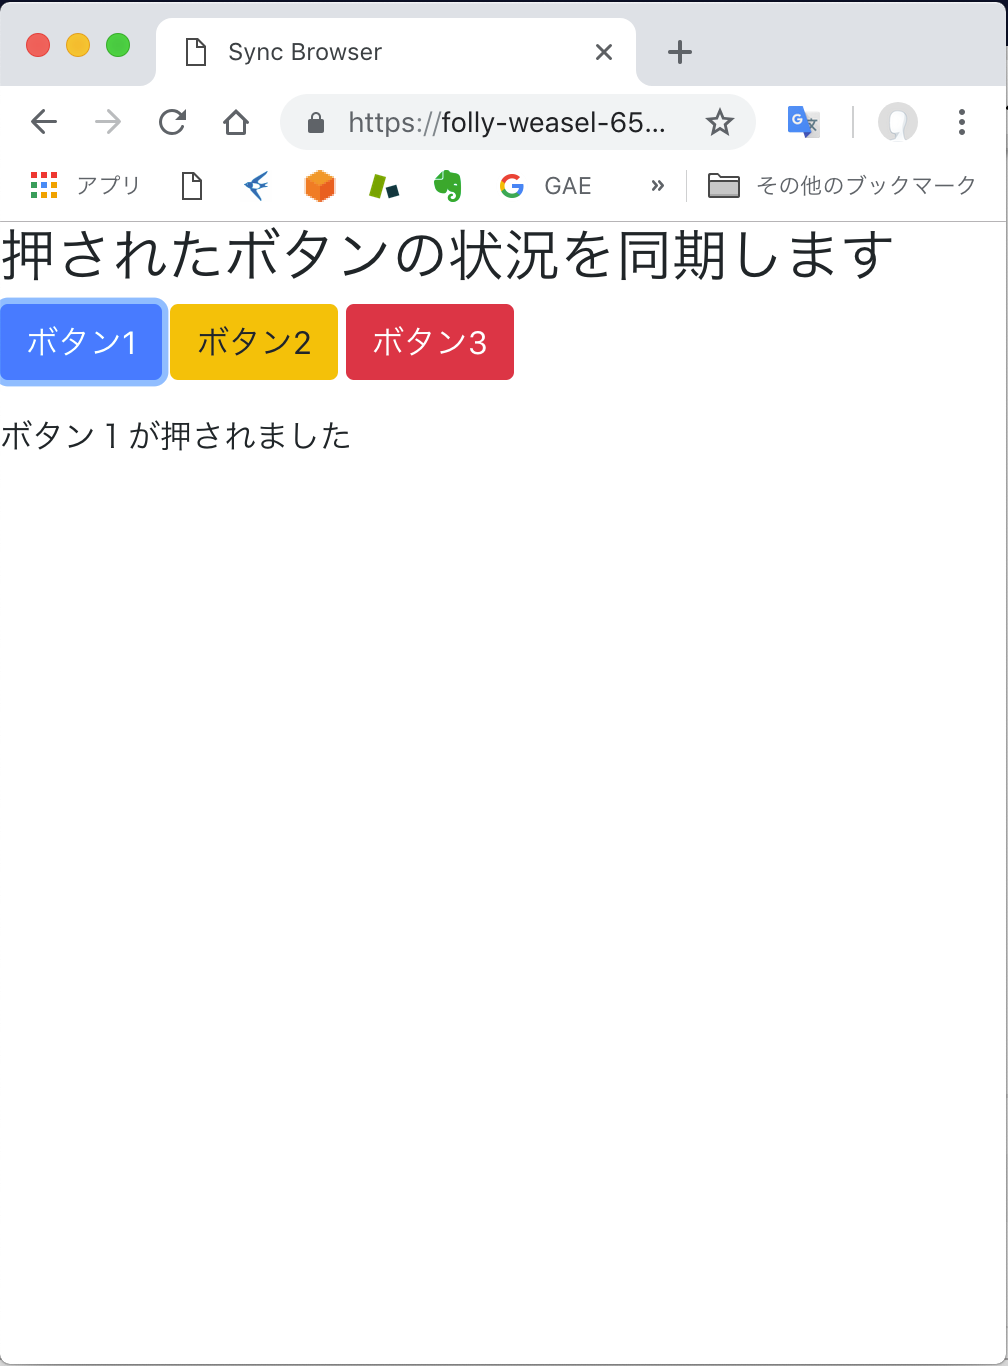 スクリーンショット 2018-11-04 09.44.05.png